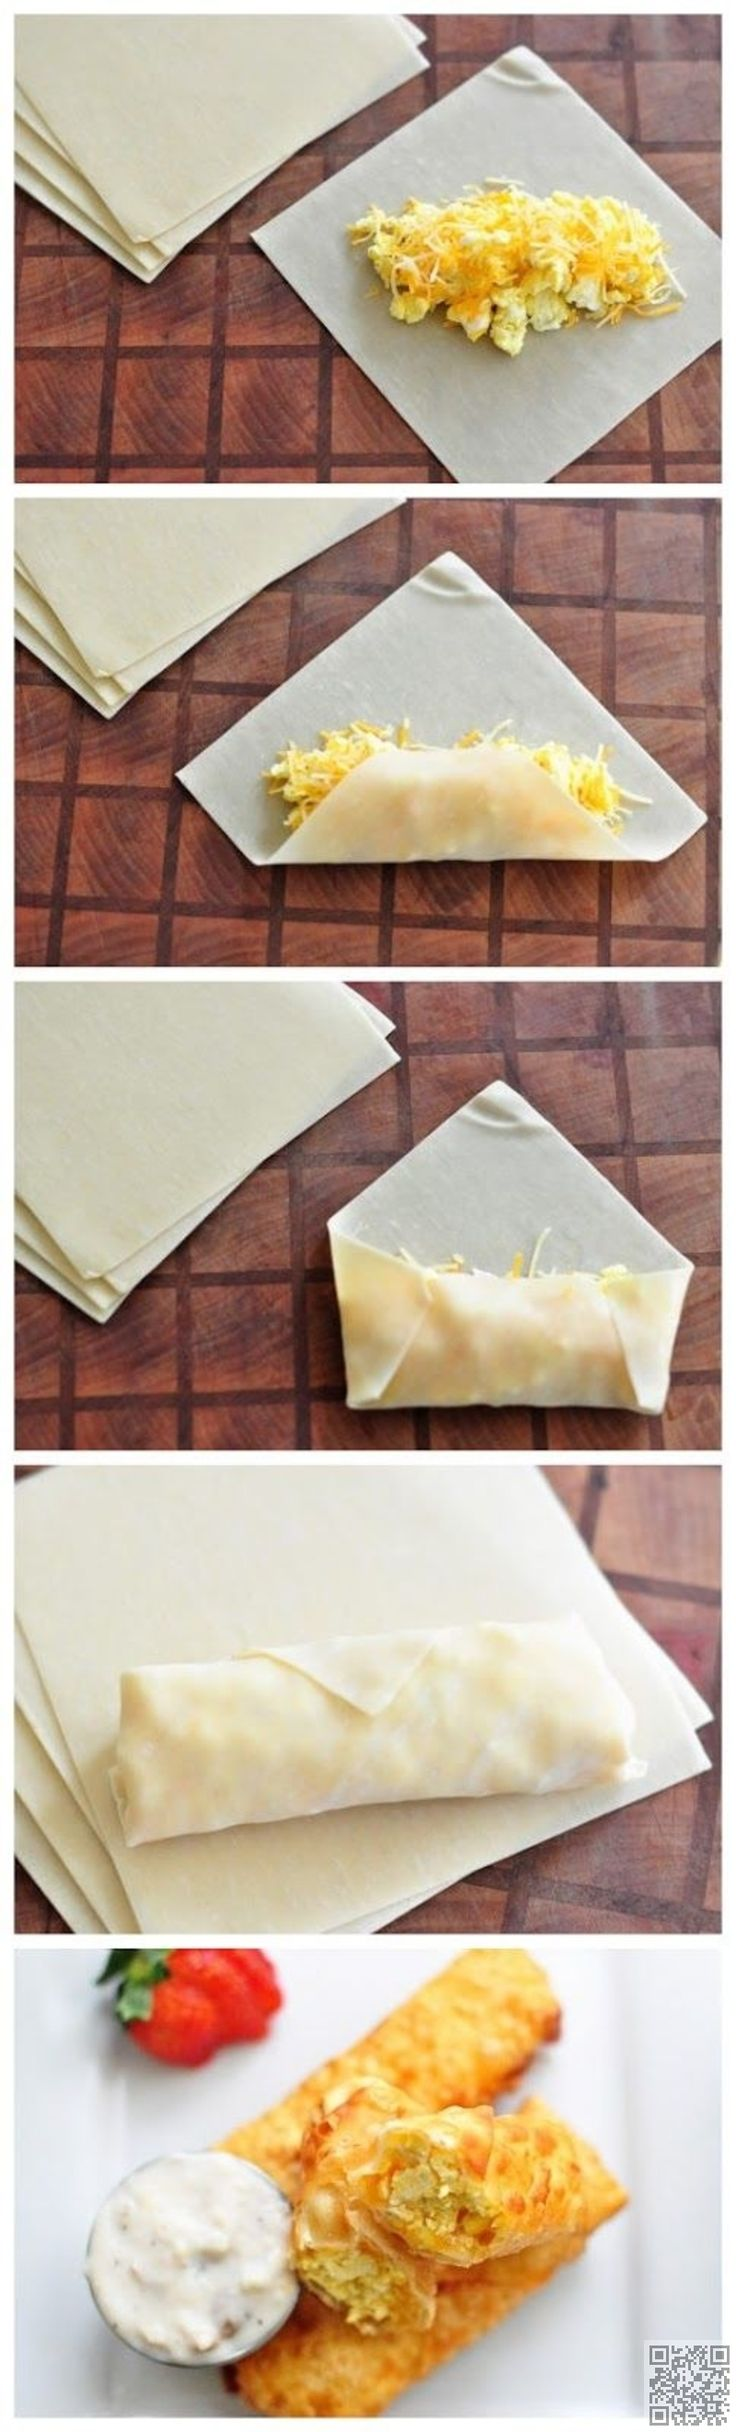 11. les œufs #brouillés et roulés de #fromage avec sauce #saucisse - 21 choses…